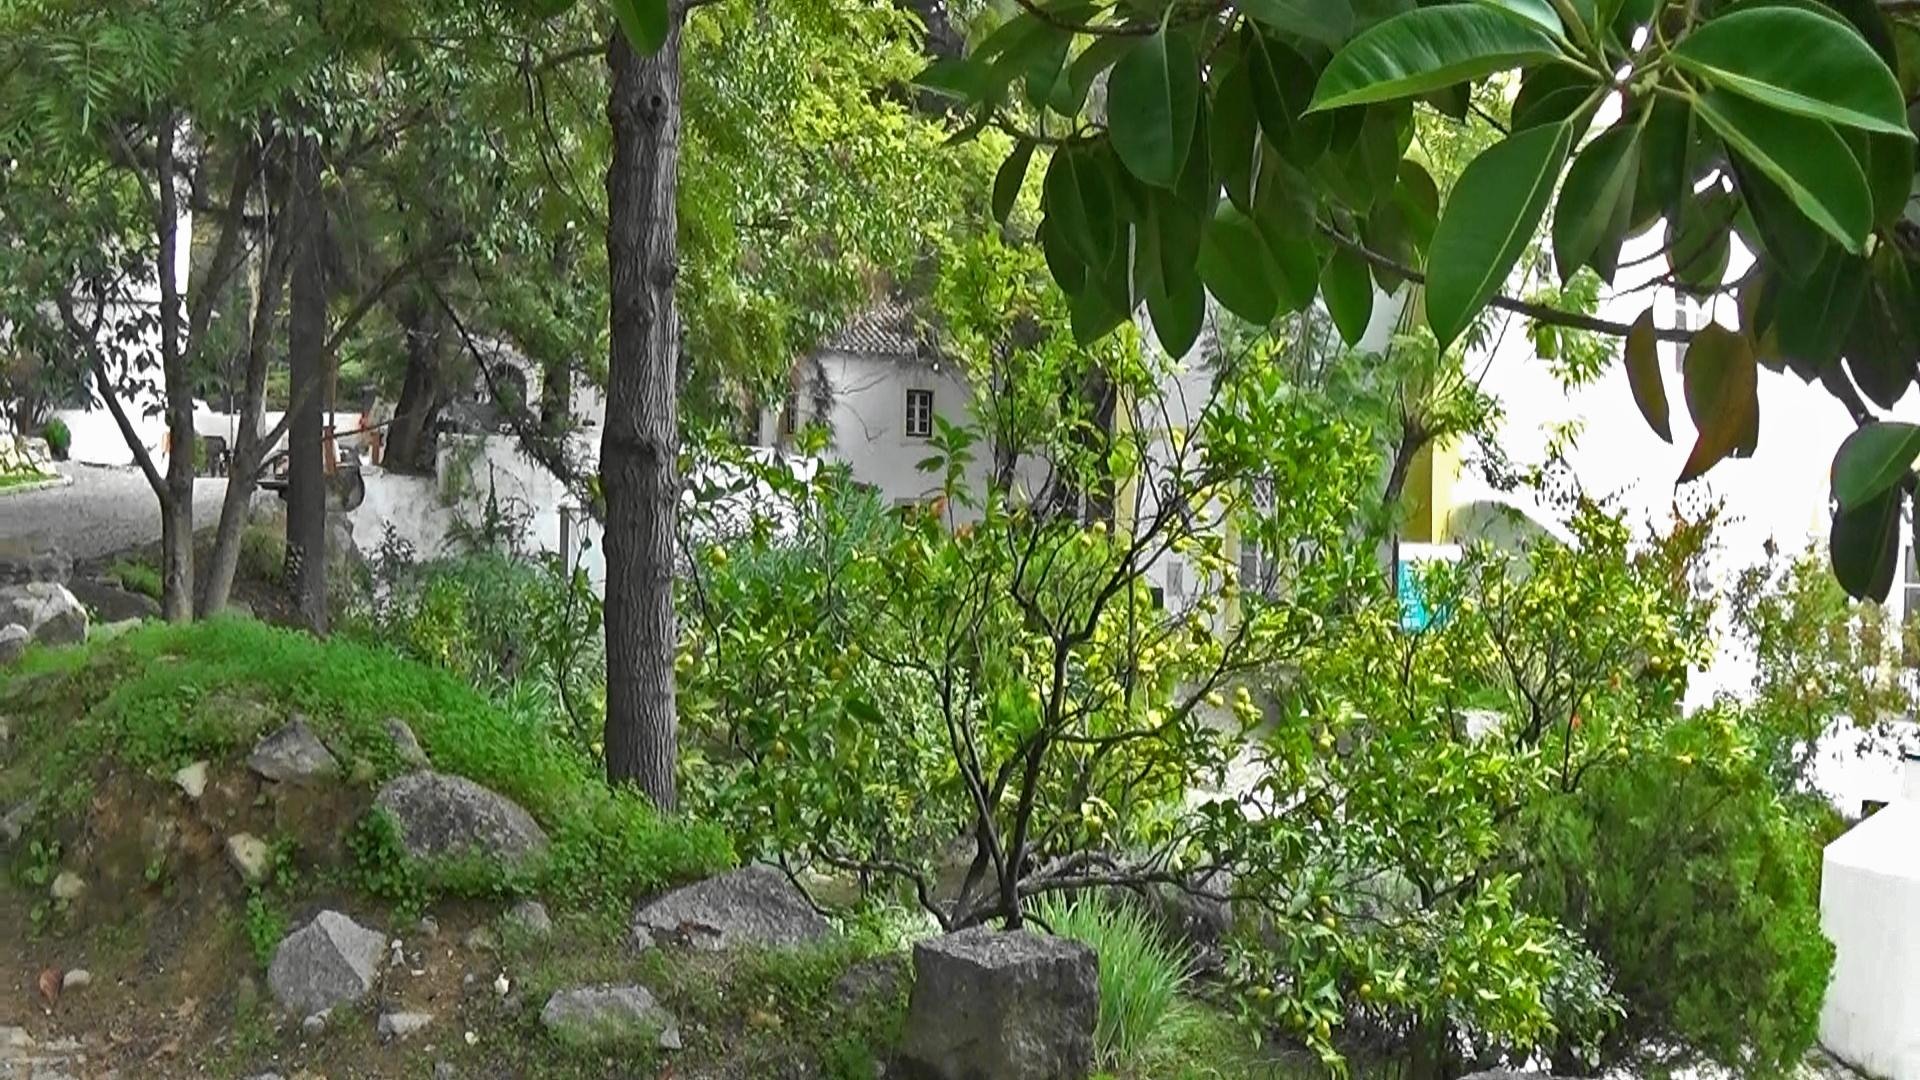 green trees at Caldas de Monchique